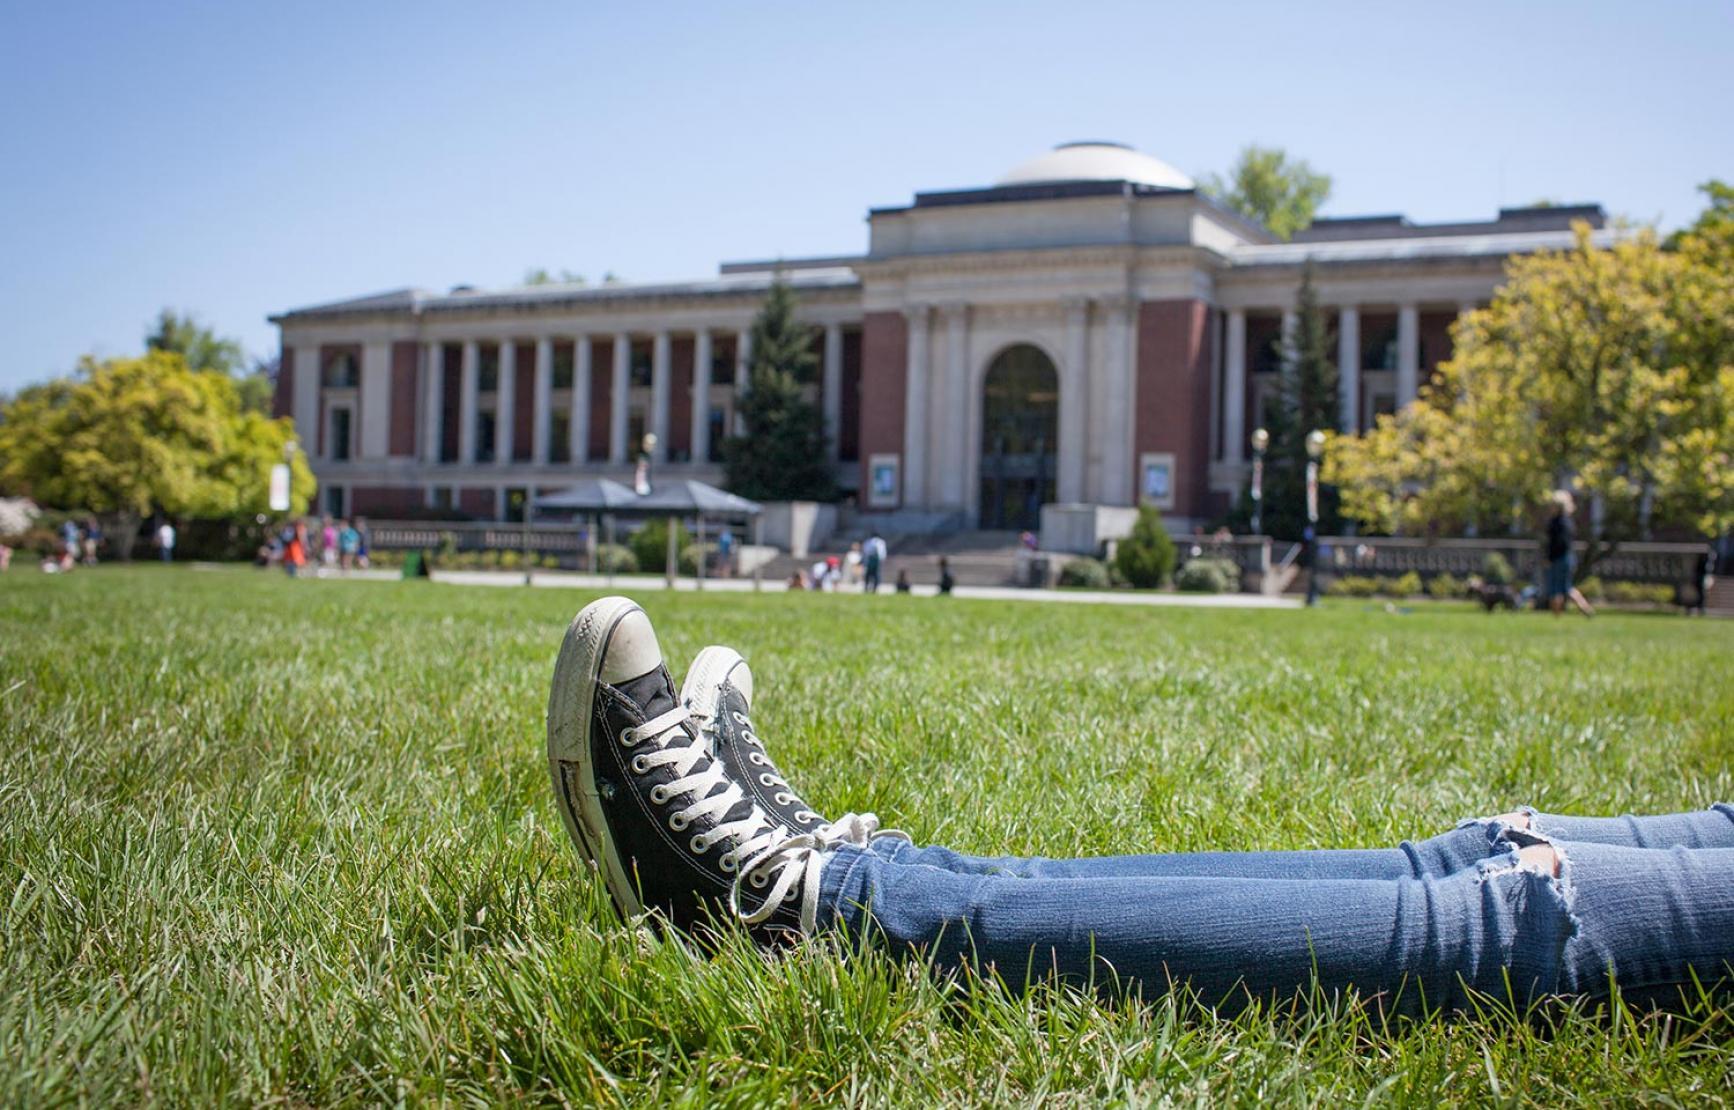 Sitting on MU lawn